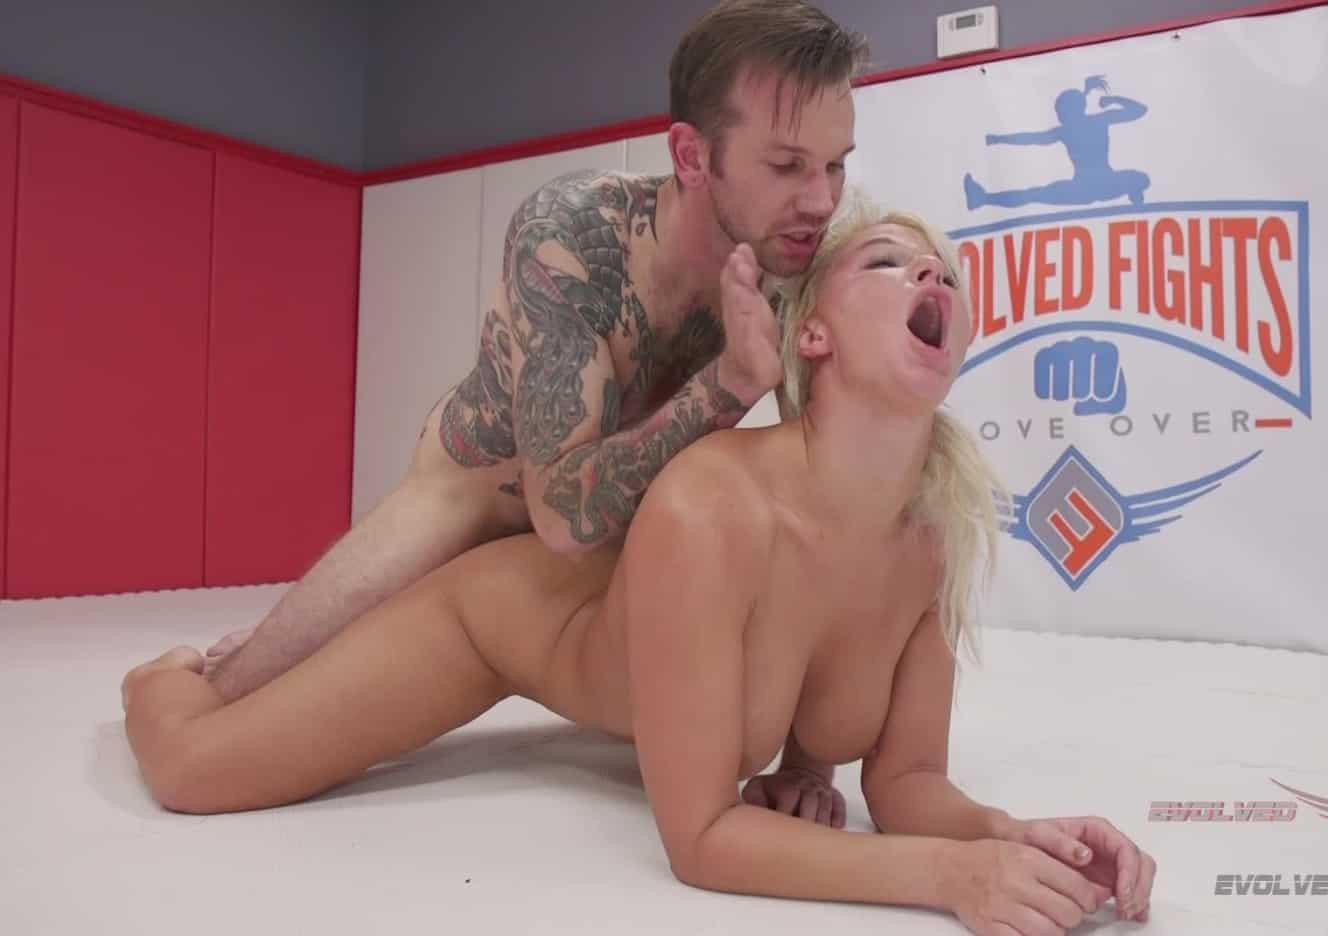 Evolved Fights Porn